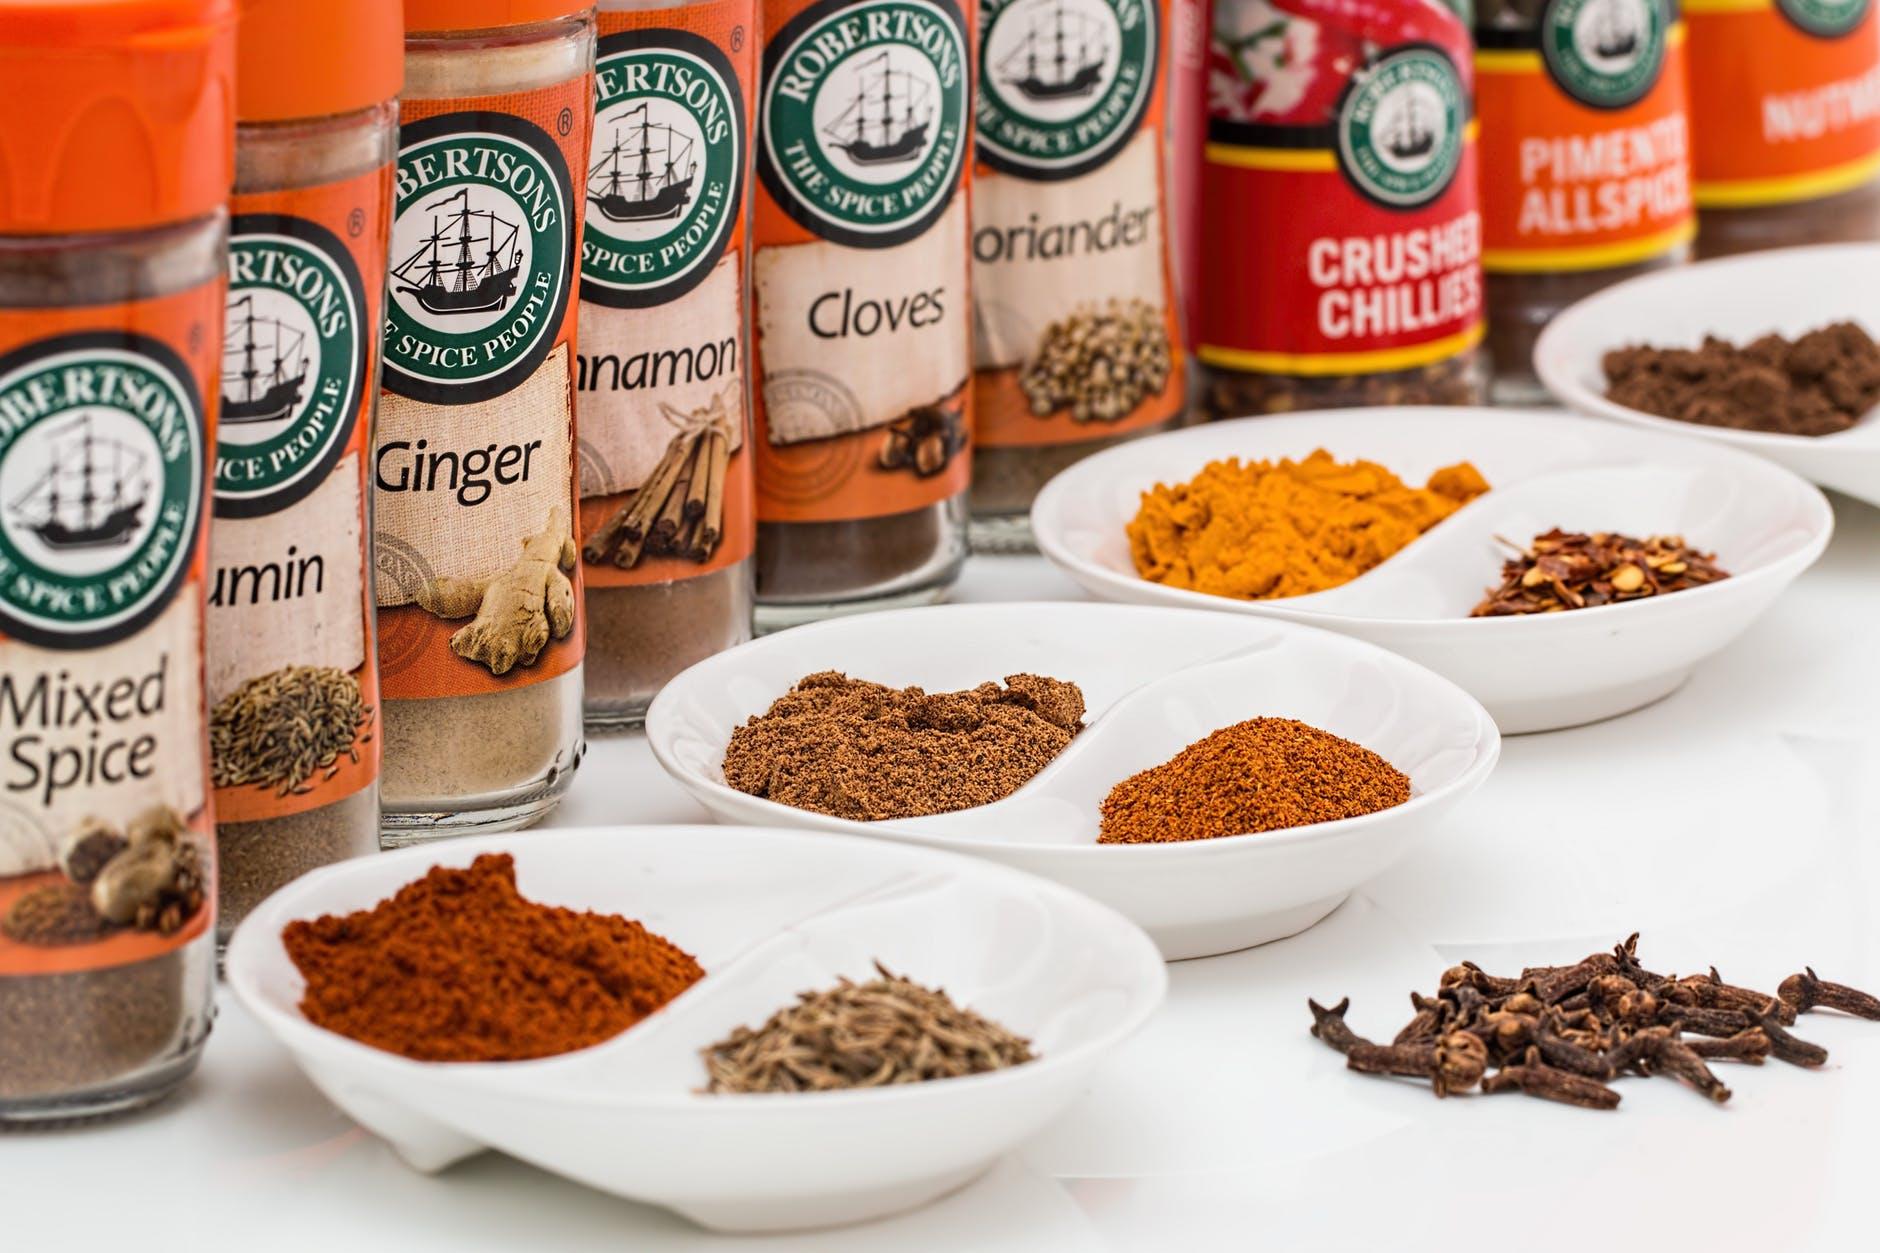 spices-flavorings-seasoning-food.jpg